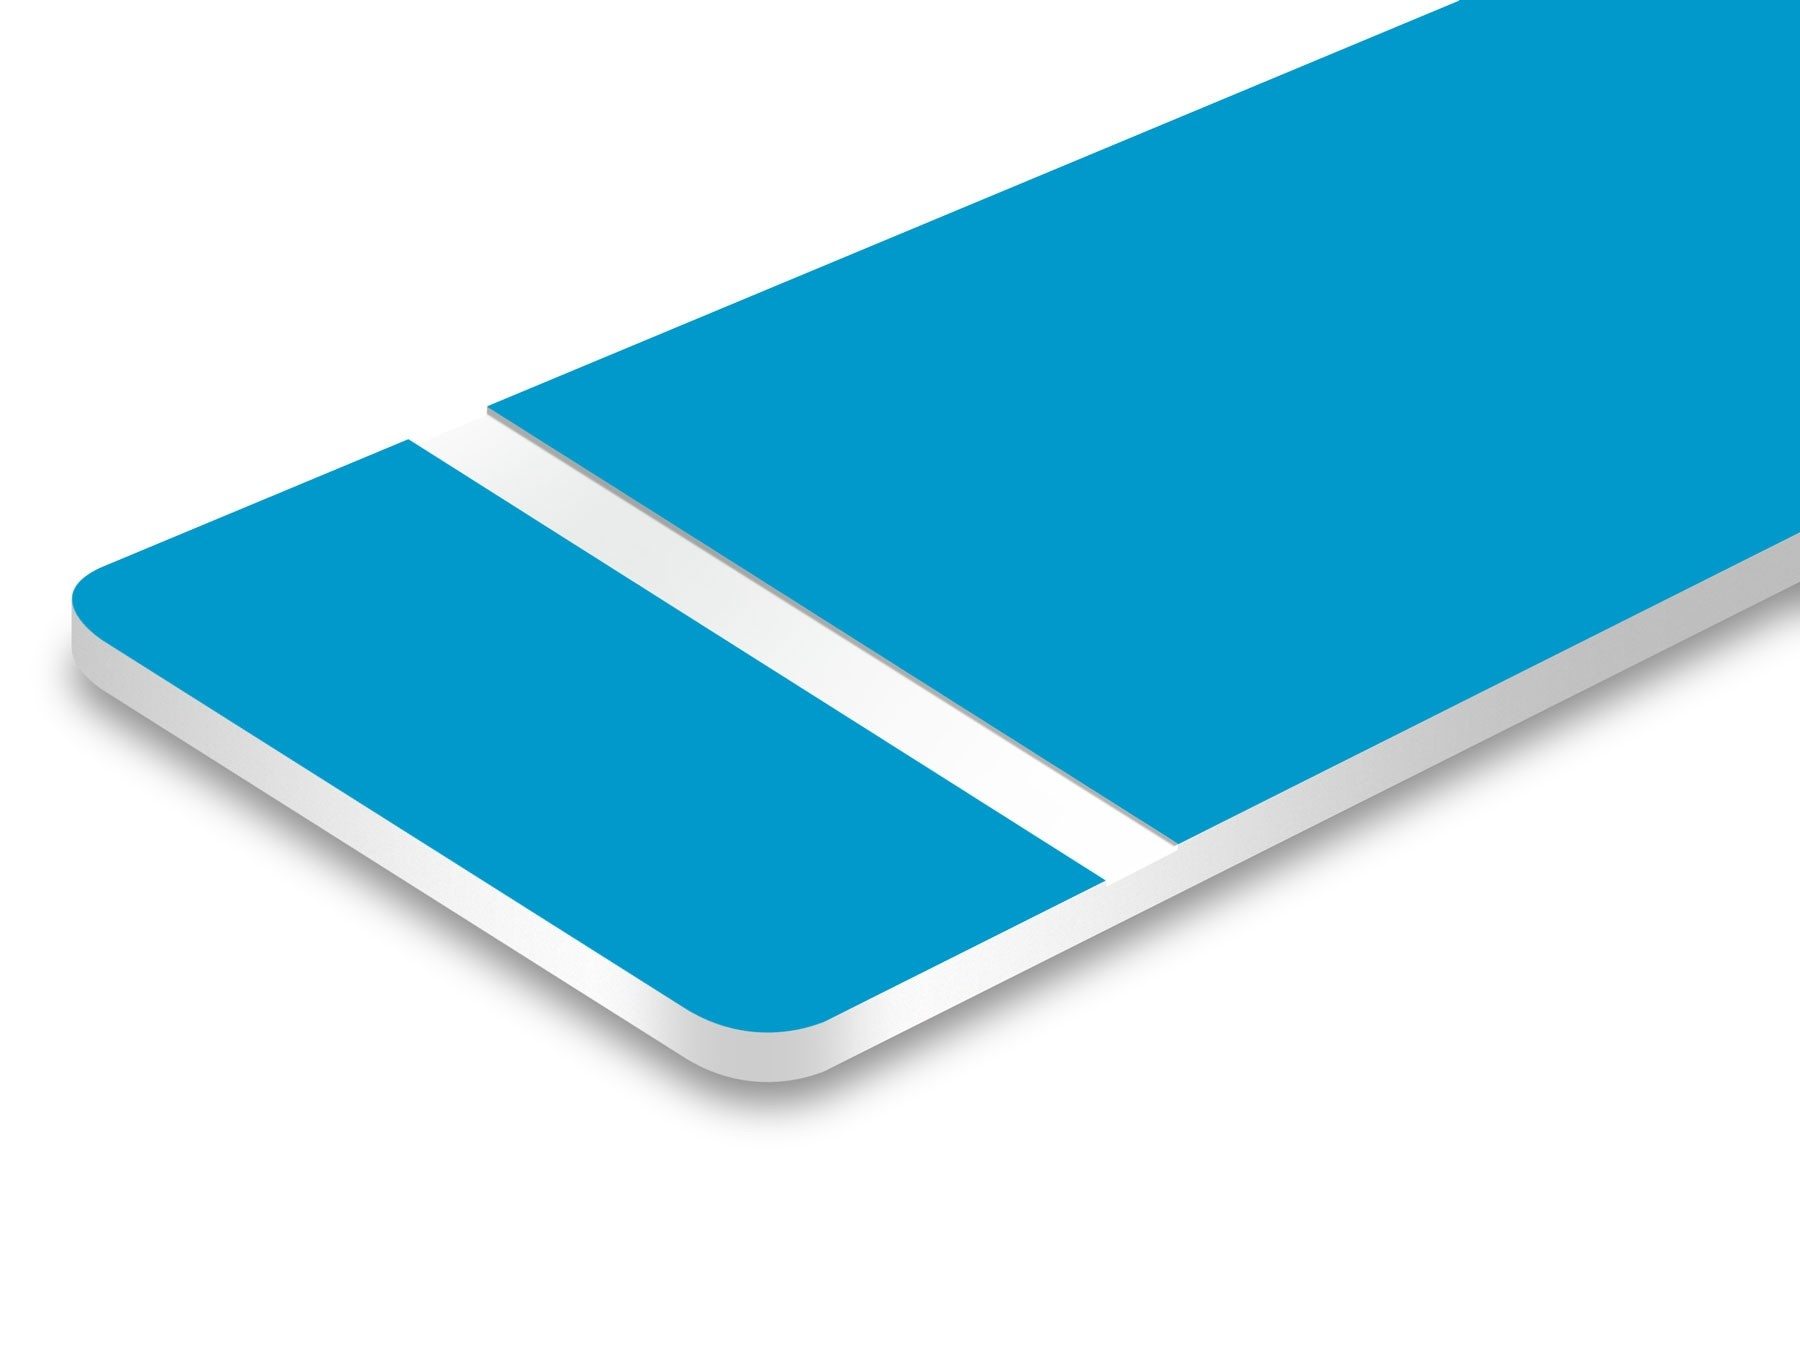 L562-206 Hellblau/Weiß 1,6mm